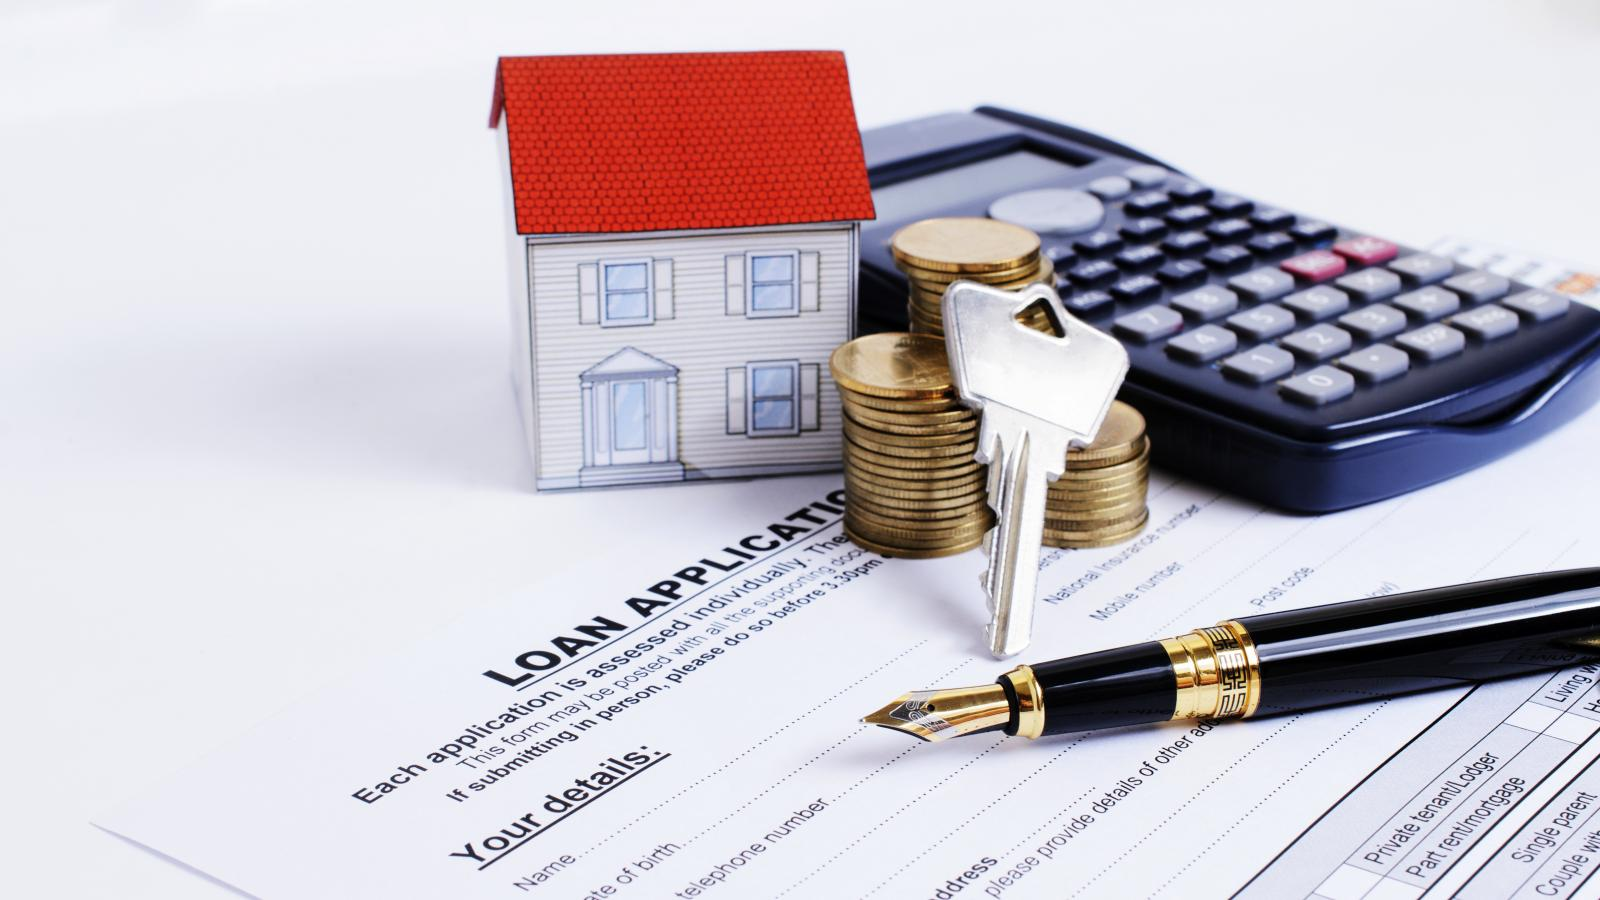 Hình ảnh ngôi nhà, giấy bút, chiếc máy tính cầm tay và đồng tiền xu